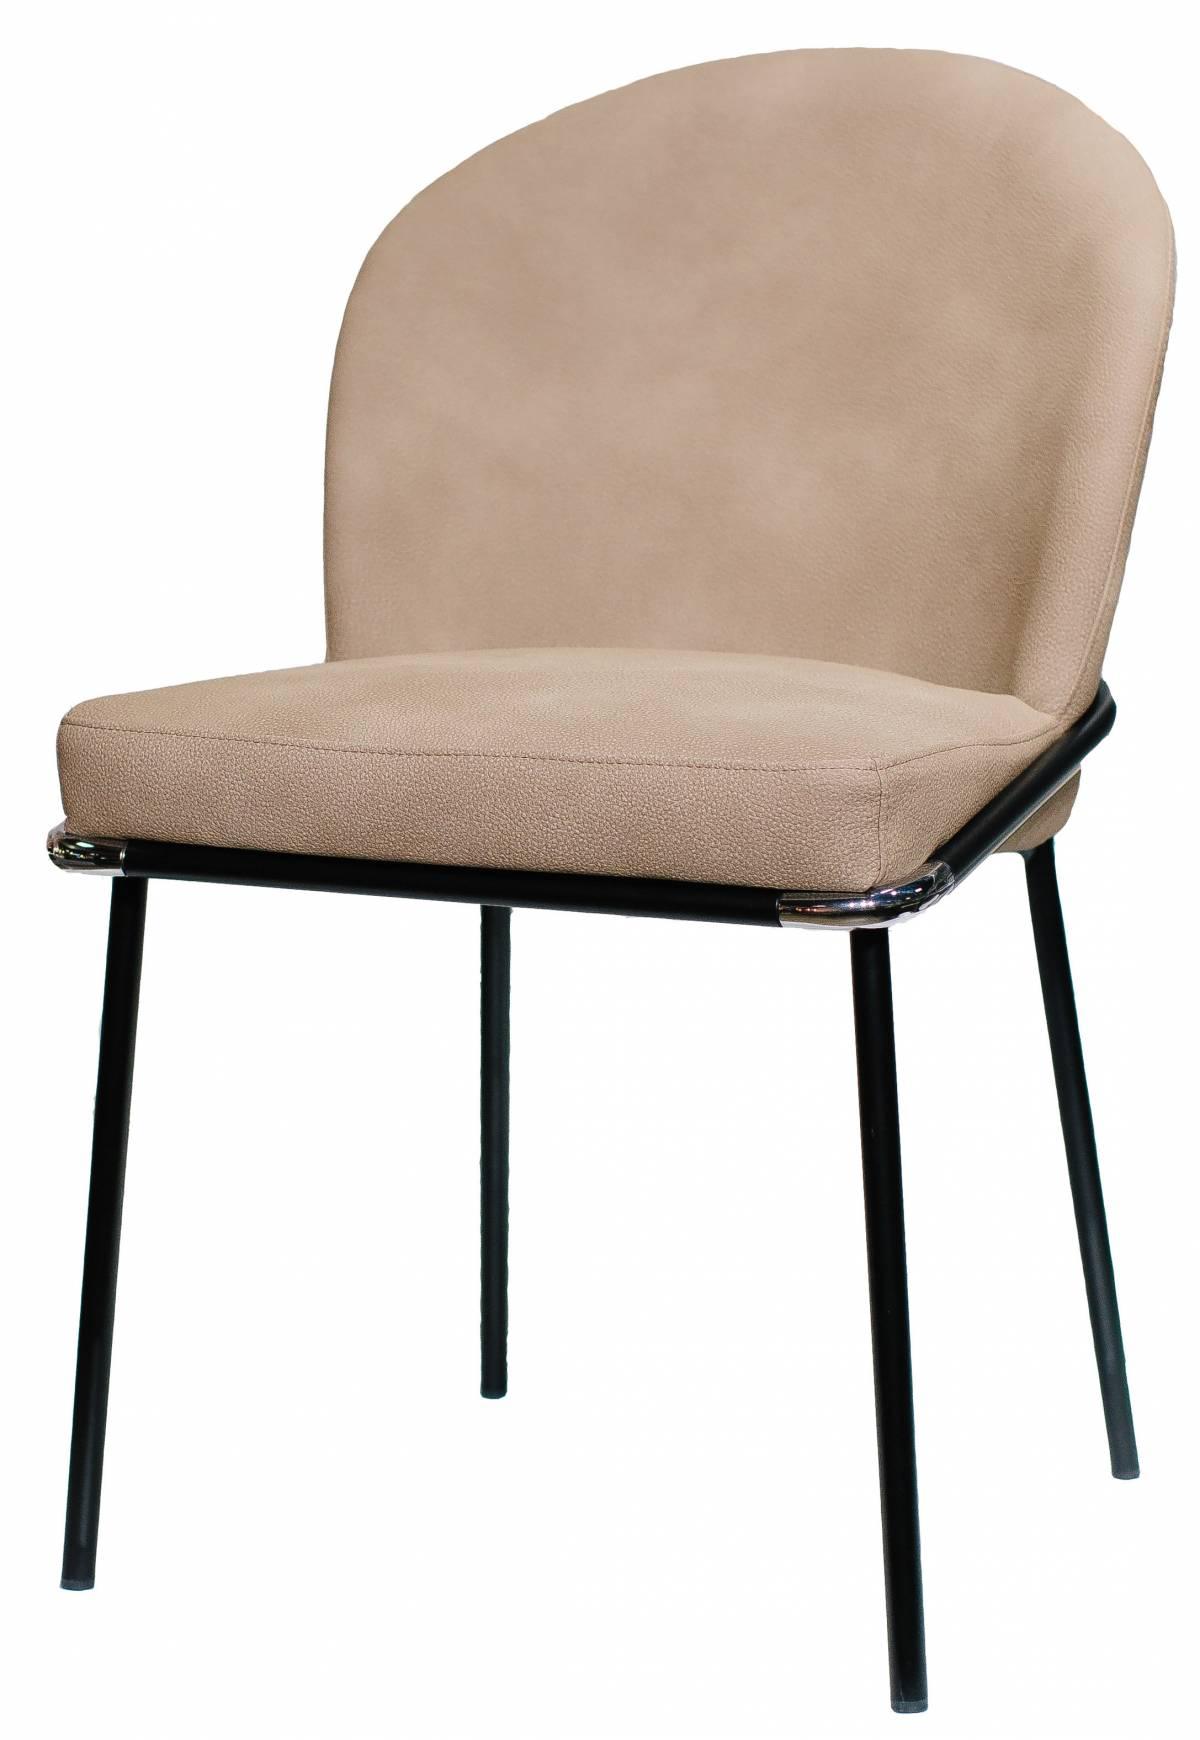 Металлический стул из экокожи Foxtrot в Raroom